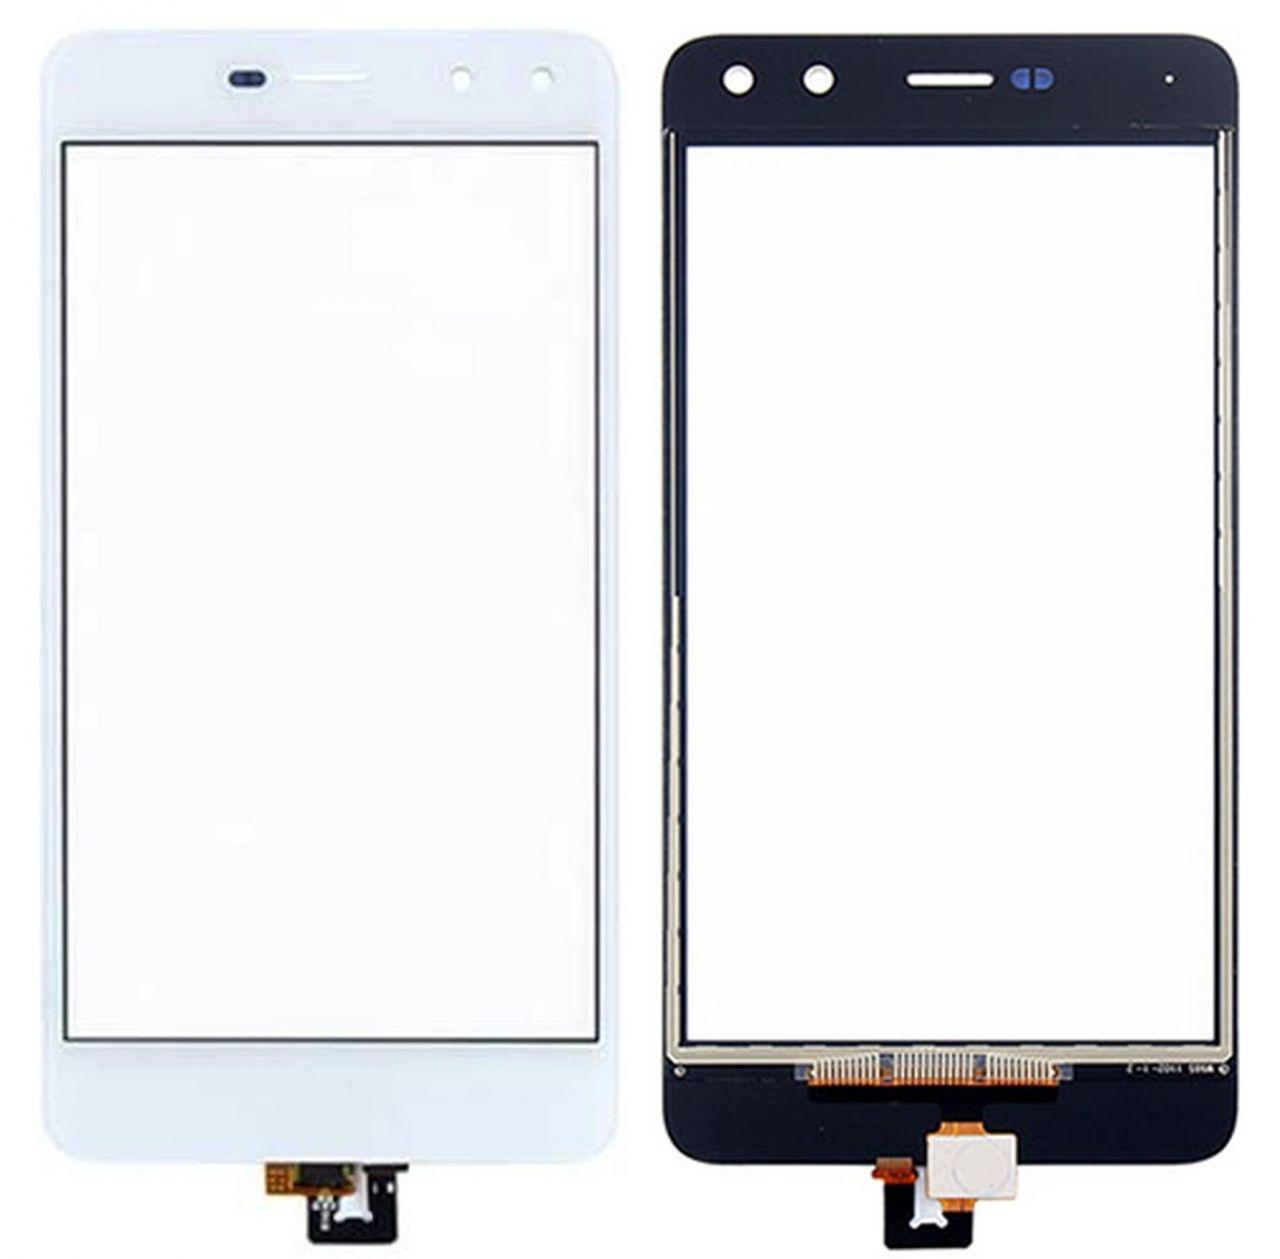 Сенсор (тачскрин) для телефона Huawei Y5 2017 (MYA-L02, MYA-L22, MYA-U29), Y5 III, Y6 2017, Honor 6 Play, Nova